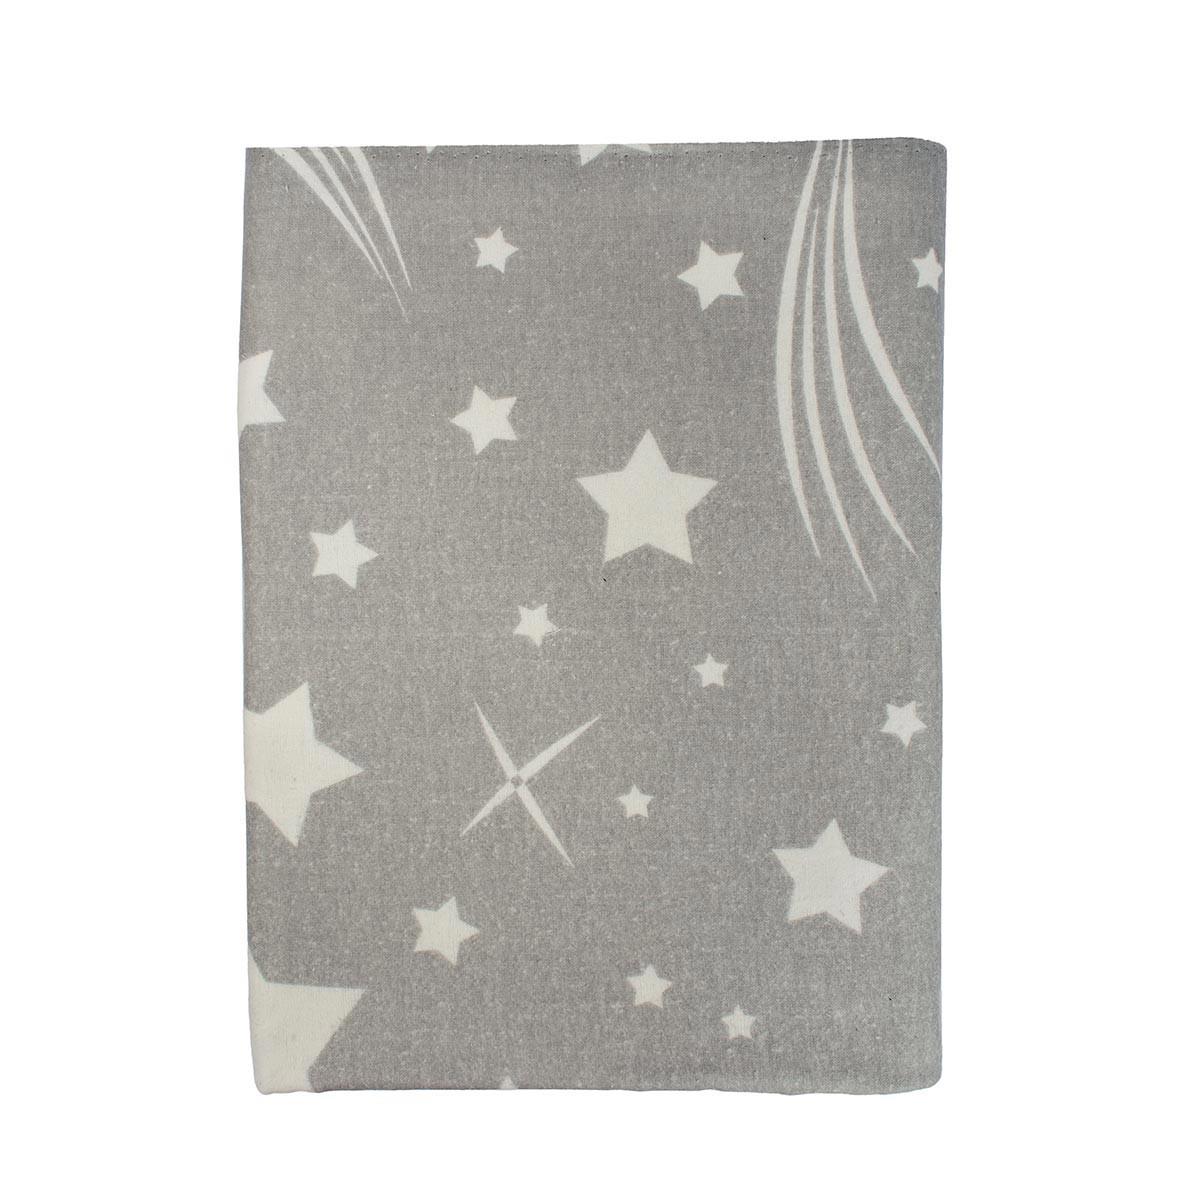 Φανελένια Σεντόνια Κούνιας (Σετ) Dimcol Star 38 Grey